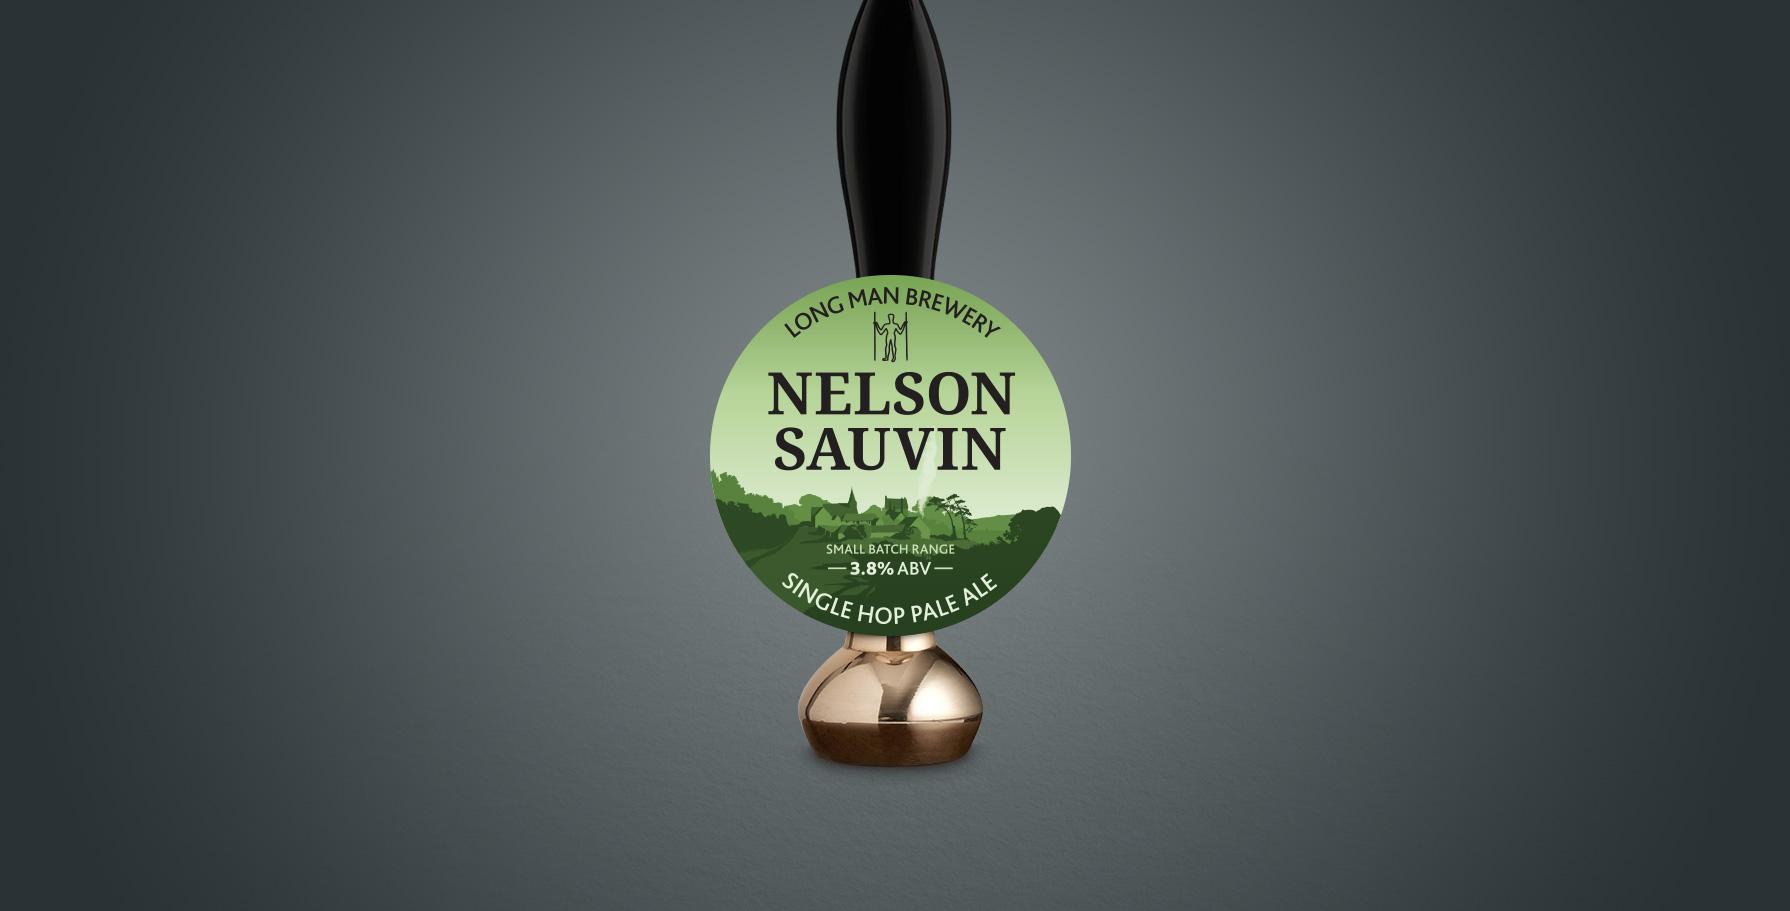 Nelson Sauvin